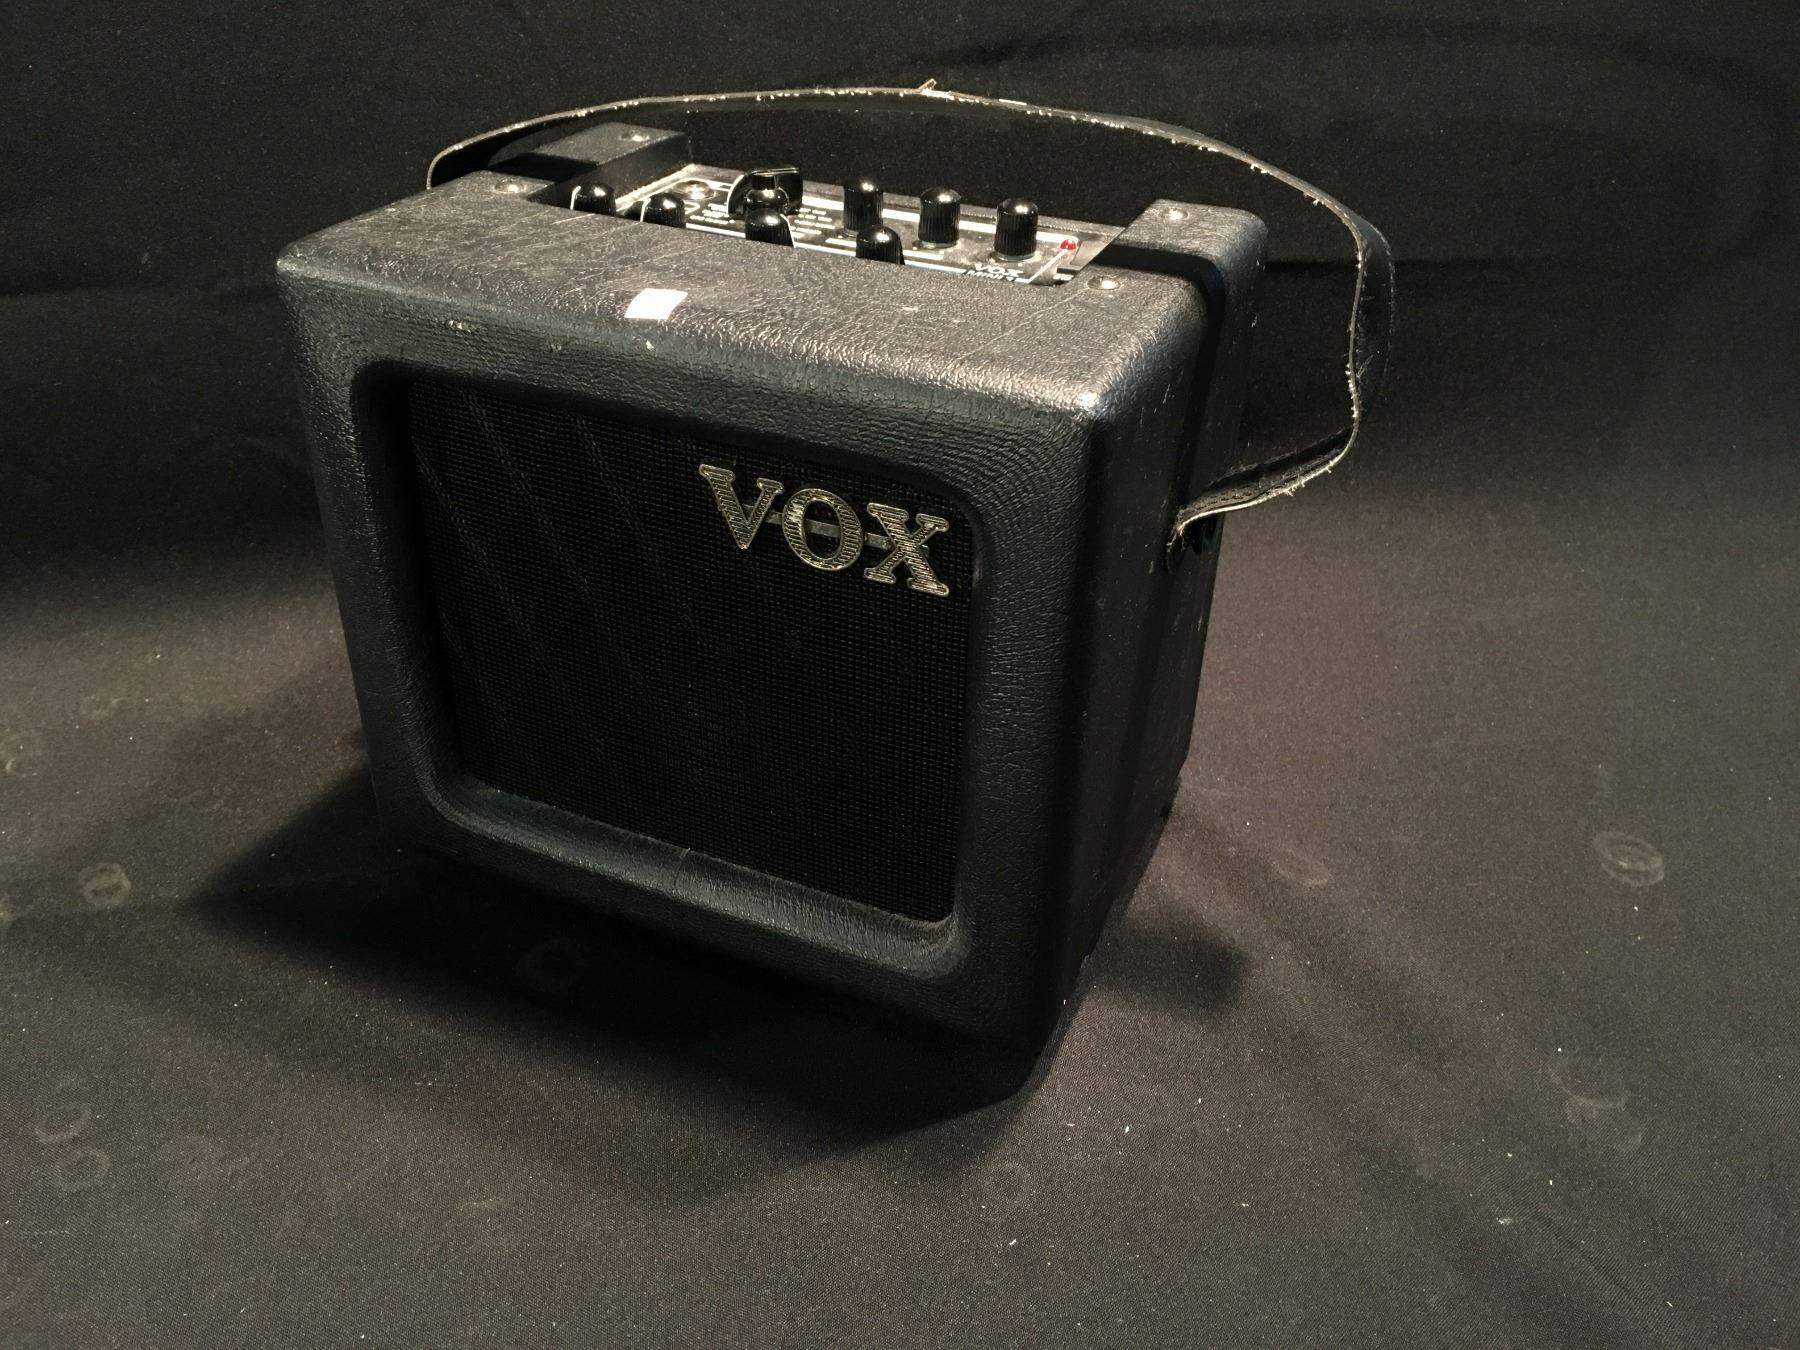 vox mini 3 digital guitar amplifier. Black Bedroom Furniture Sets. Home Design Ideas